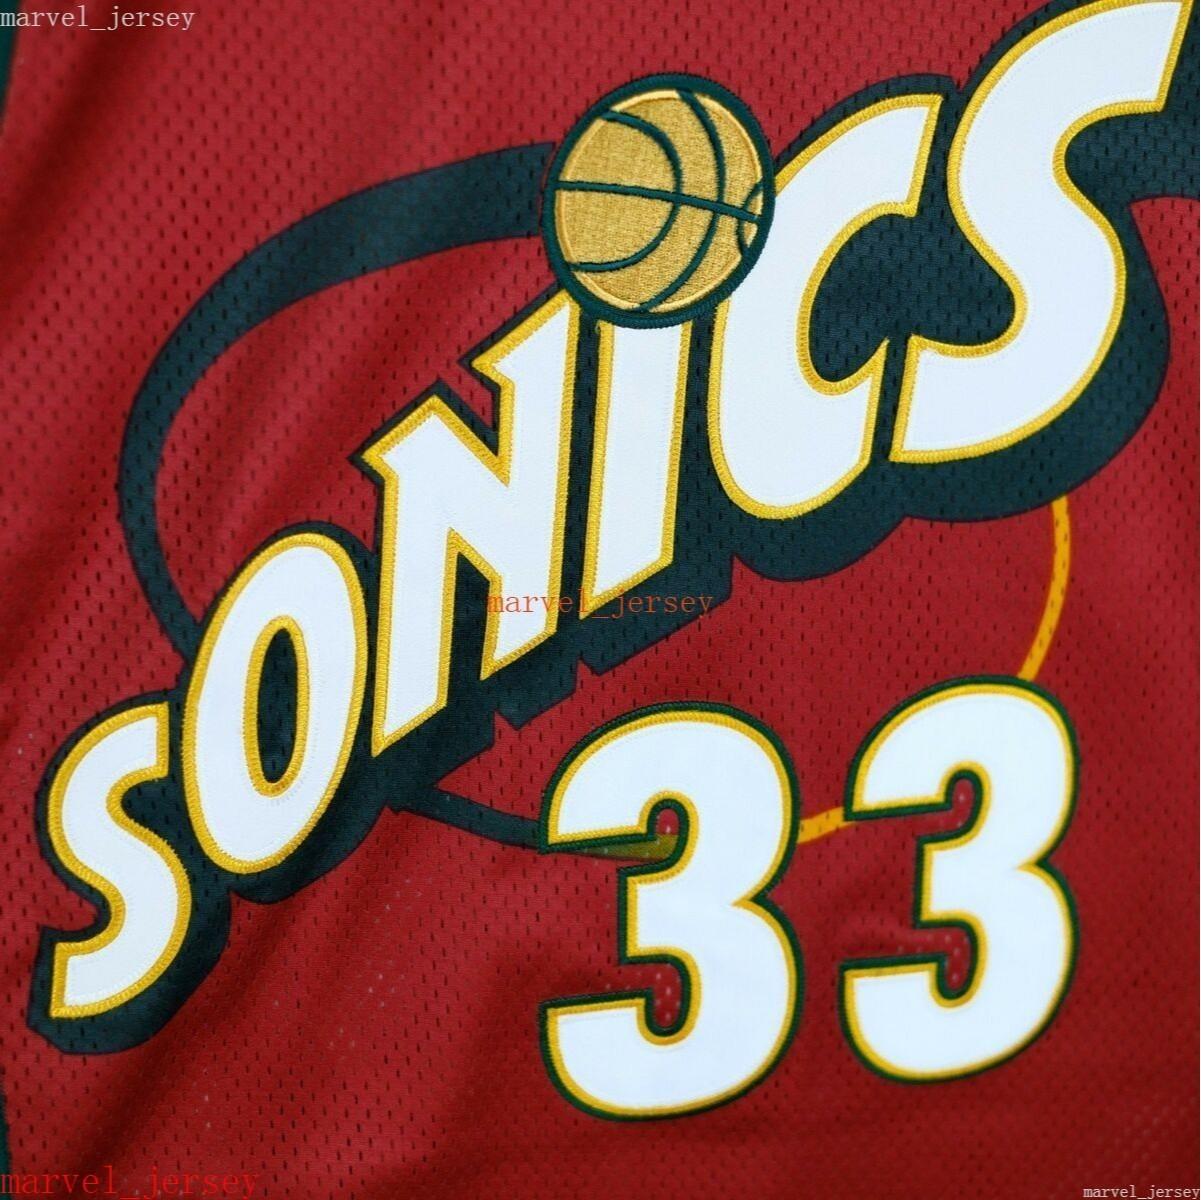 Personalizzato cucito Patrick Ewing Vintage Champion Jersey Red XS-6XL Mens Throwbacks Pallacanestro Maglie da basket Uomini economici Donne Gioventù